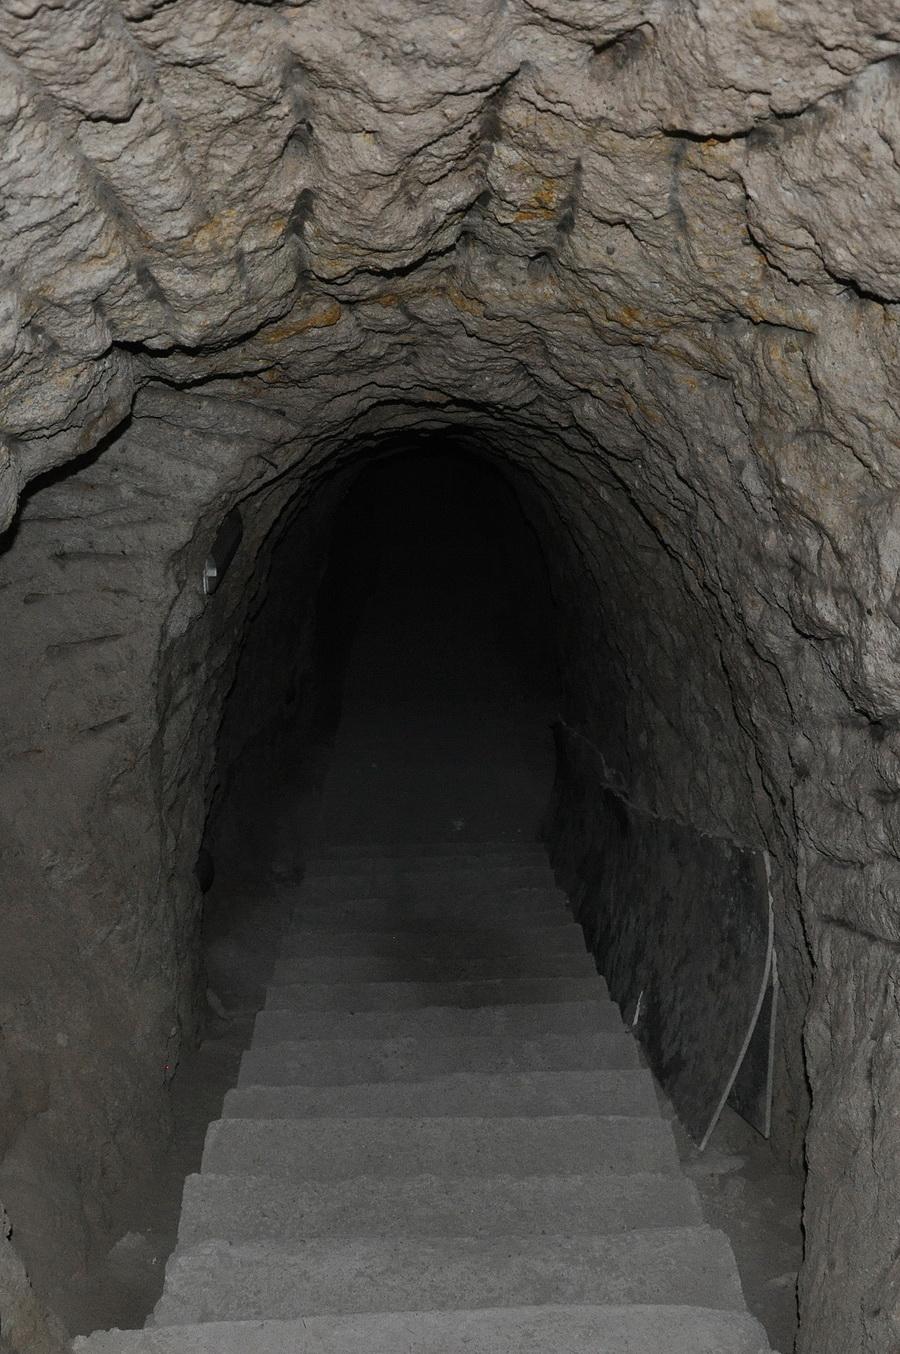 оранжевая картинка вход в подземелье місці виходу вулканічних